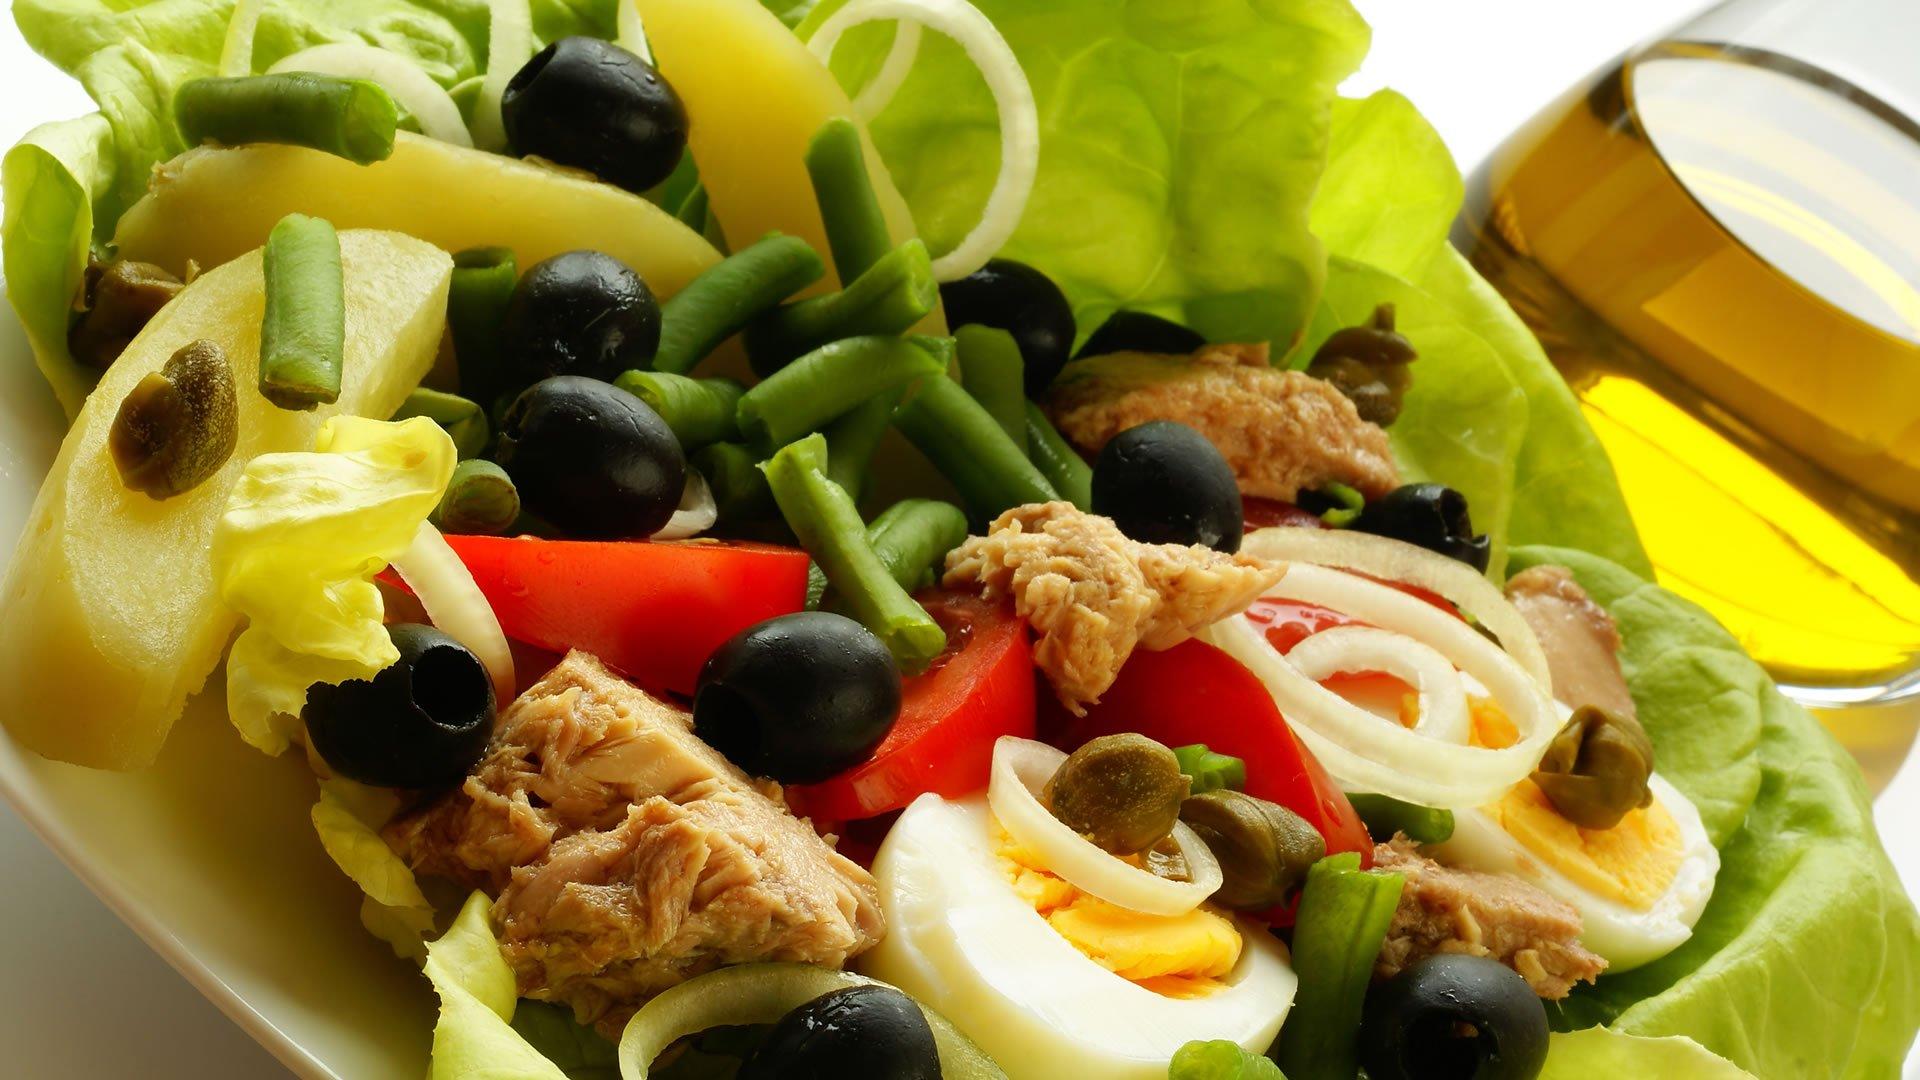 Salade ni oise o ensalada nizarda for Menu tipico frances